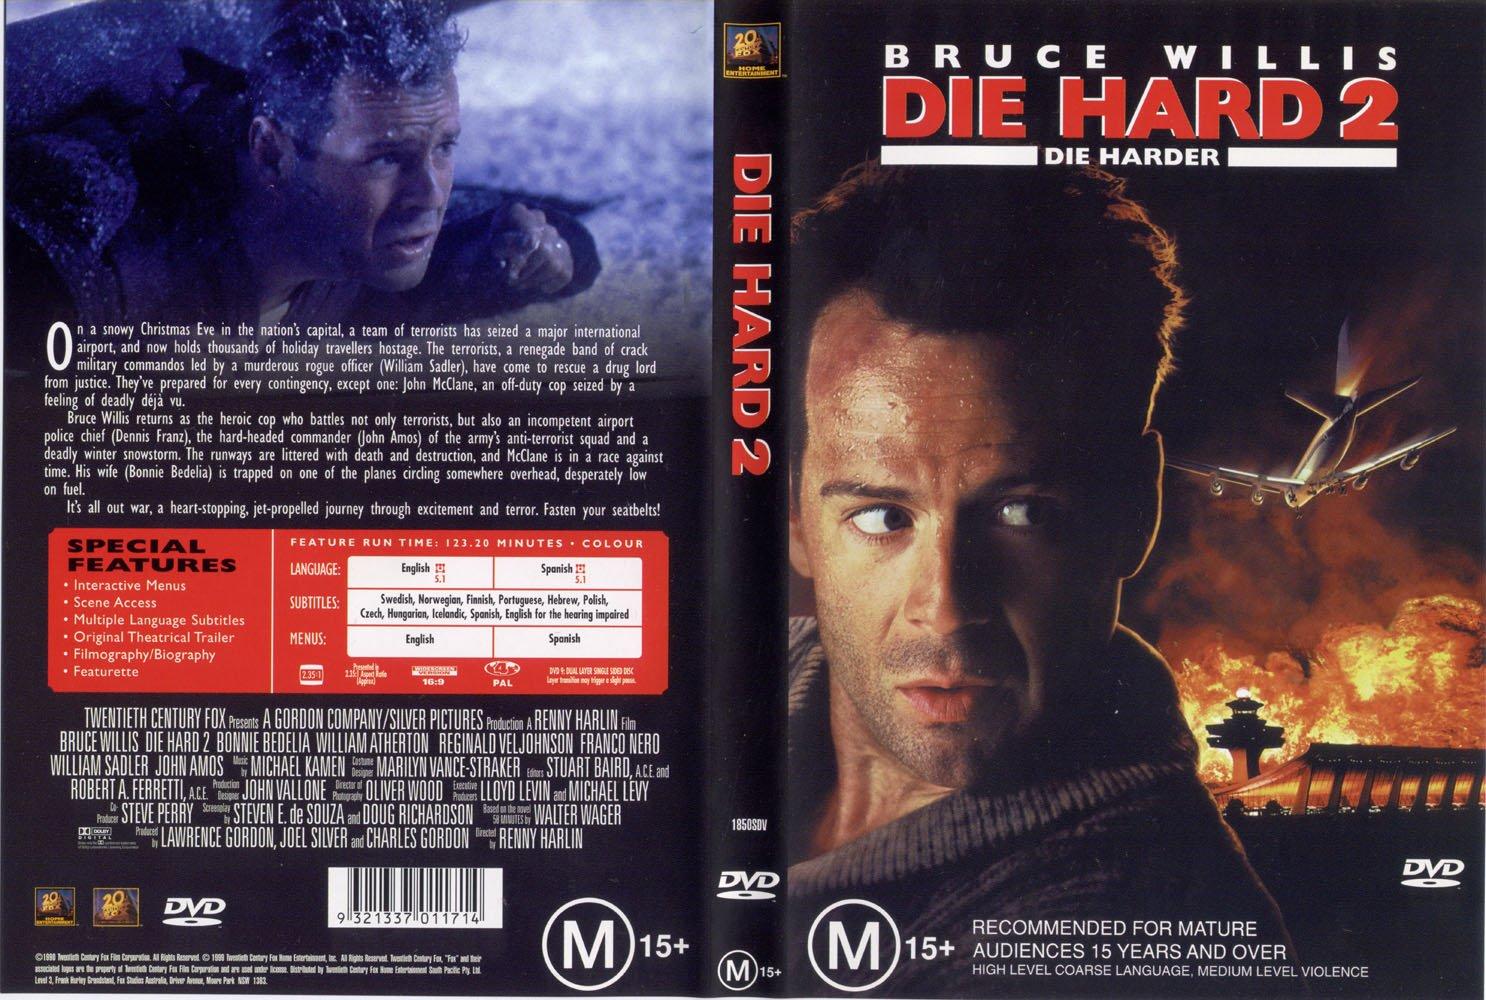 Die Hard Saga From W3 Or Internet By Trivto On Deviantart